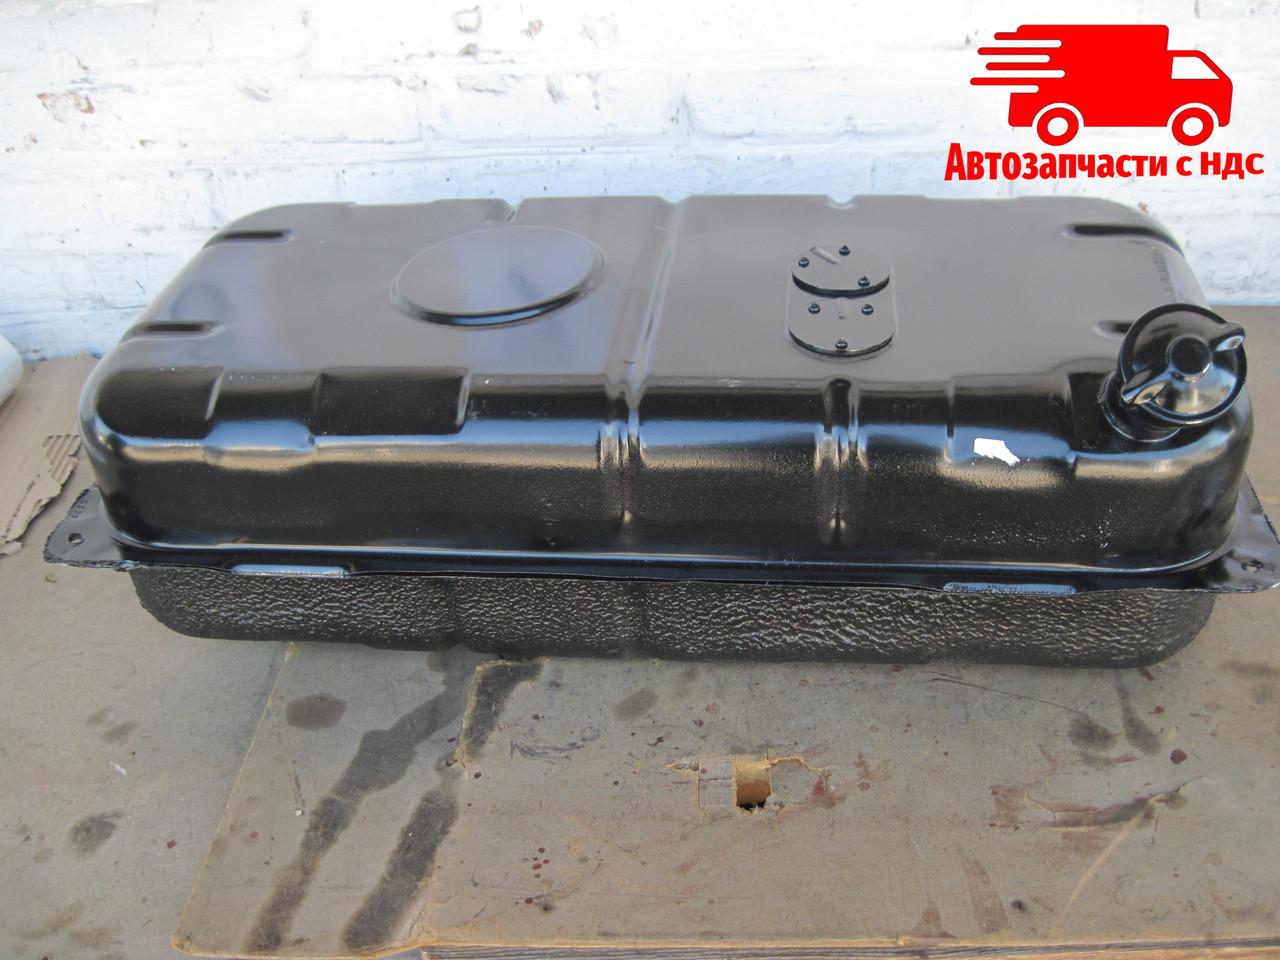 Бак топливный ГАЗЕЛЬ, ГАЗ 3302, 64л УМЗ 4026,4063,4215 (пр-во ГАЗ). 33023-1101010. Ціна з ПДВ.